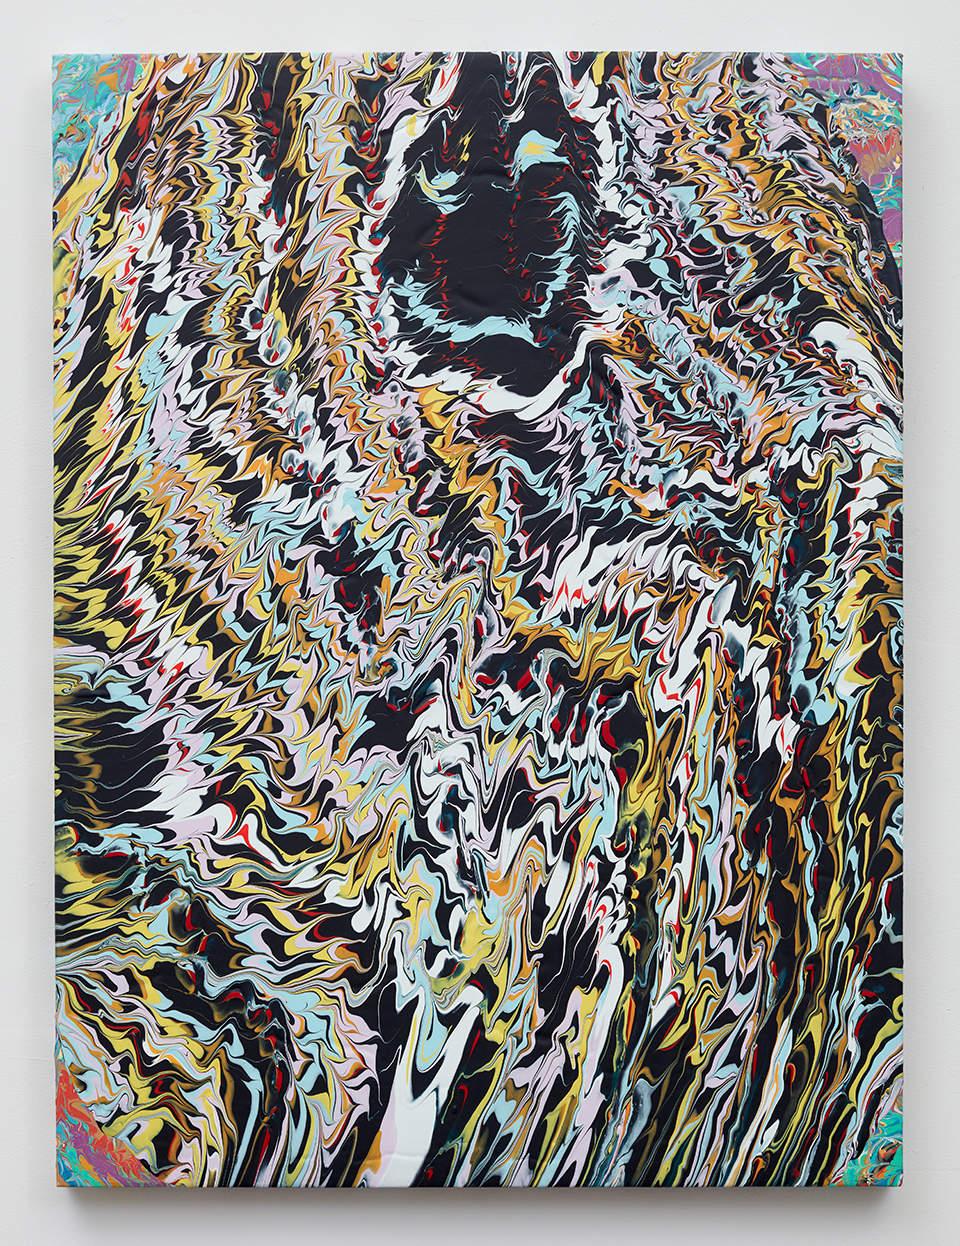 Glen Baldridge, No Way, 2019. Acrylic on panel 40 x 30 inches (101.6 x 76.2 cm)